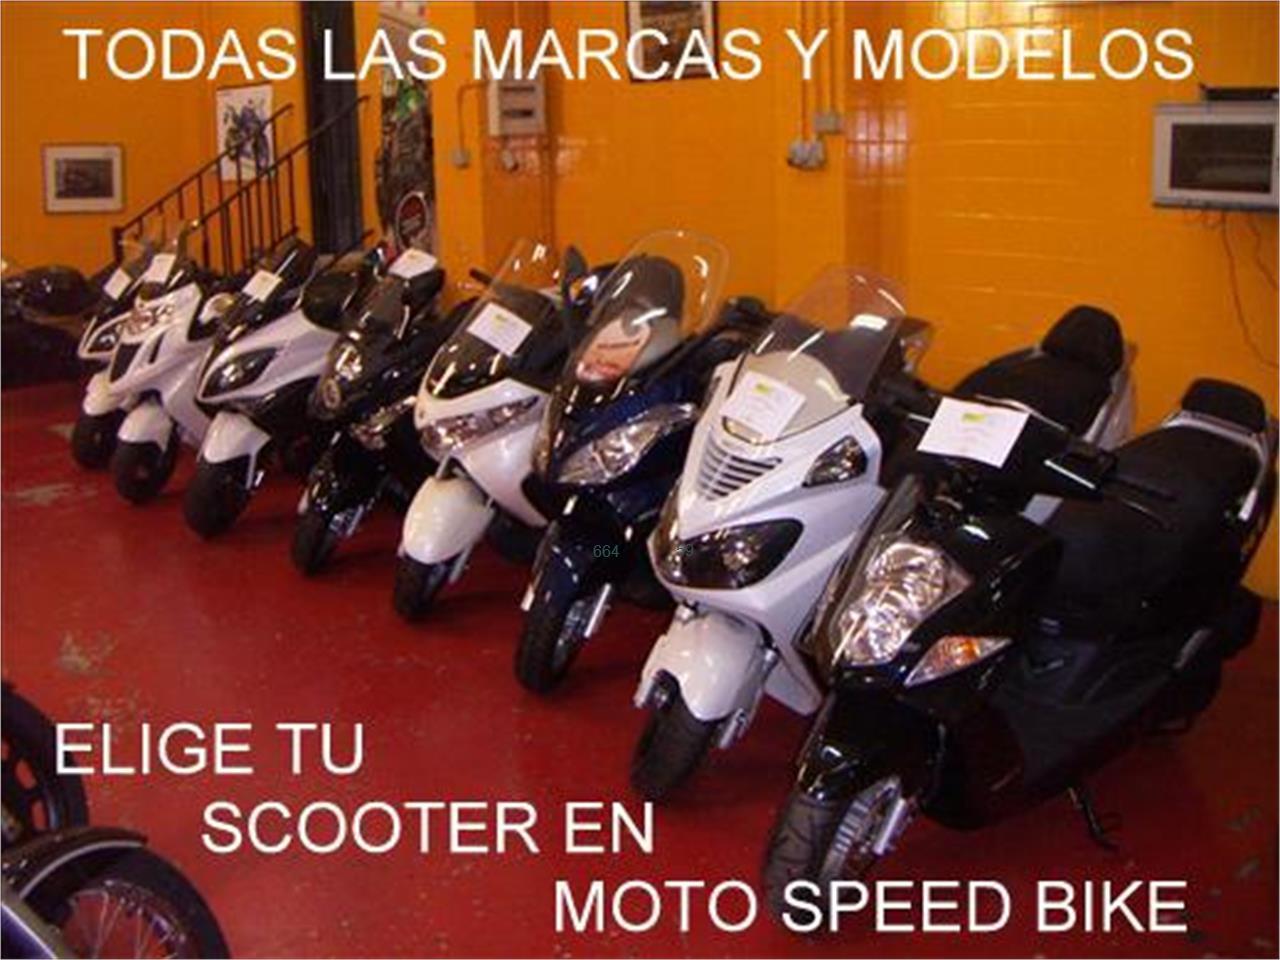 MOTO GUZZI V9_2 de venta en Madrid